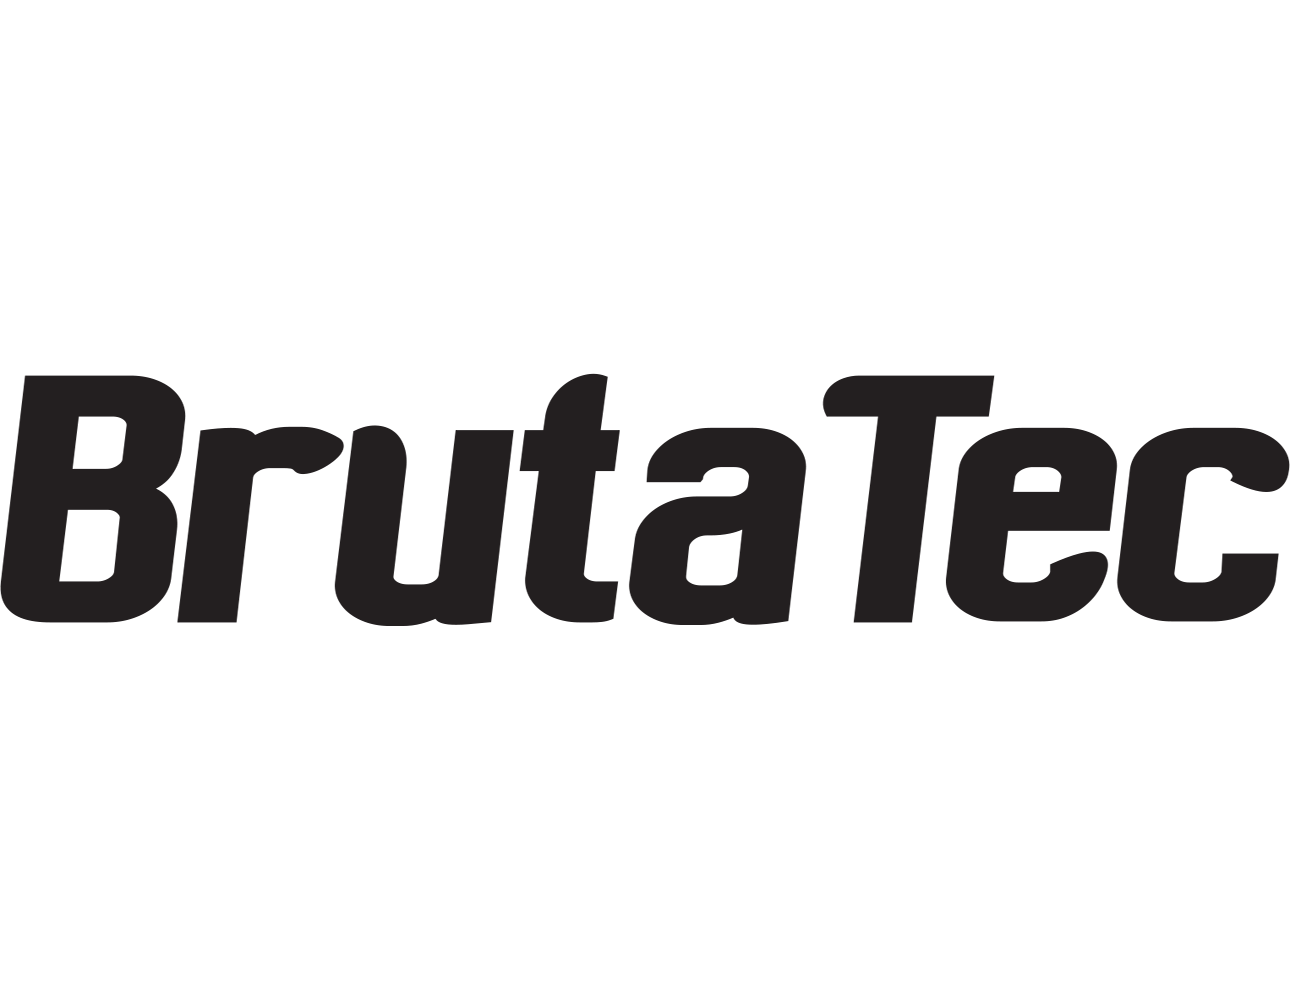 Brutatec - Multivisi